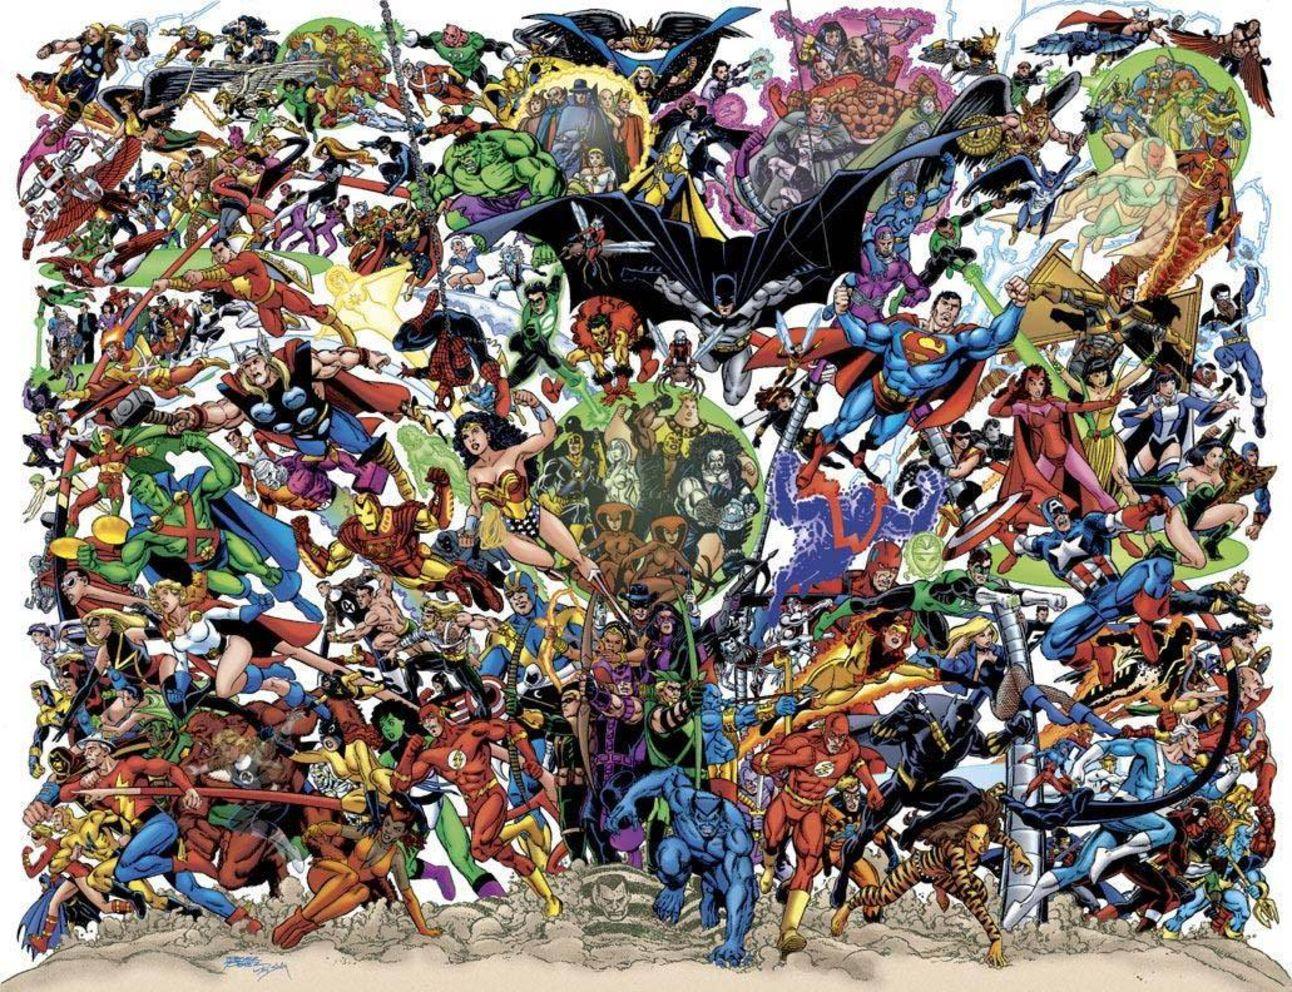 2003-jla-avengers-3.jpg